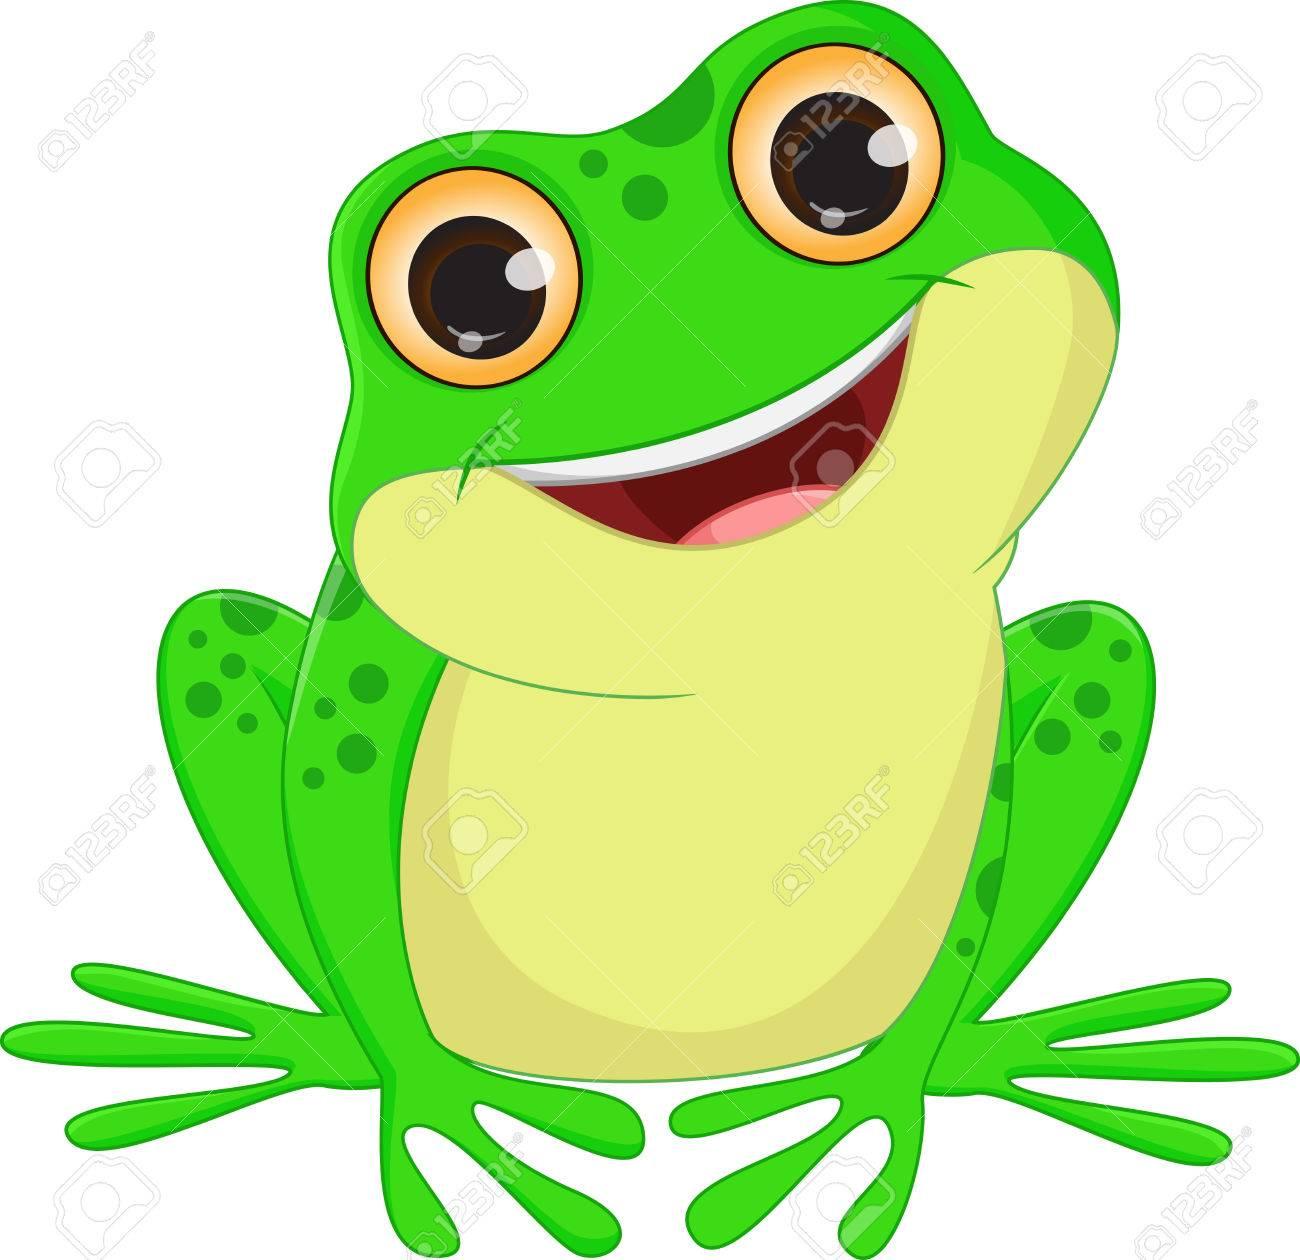 cute Frog cartoon - 60374835